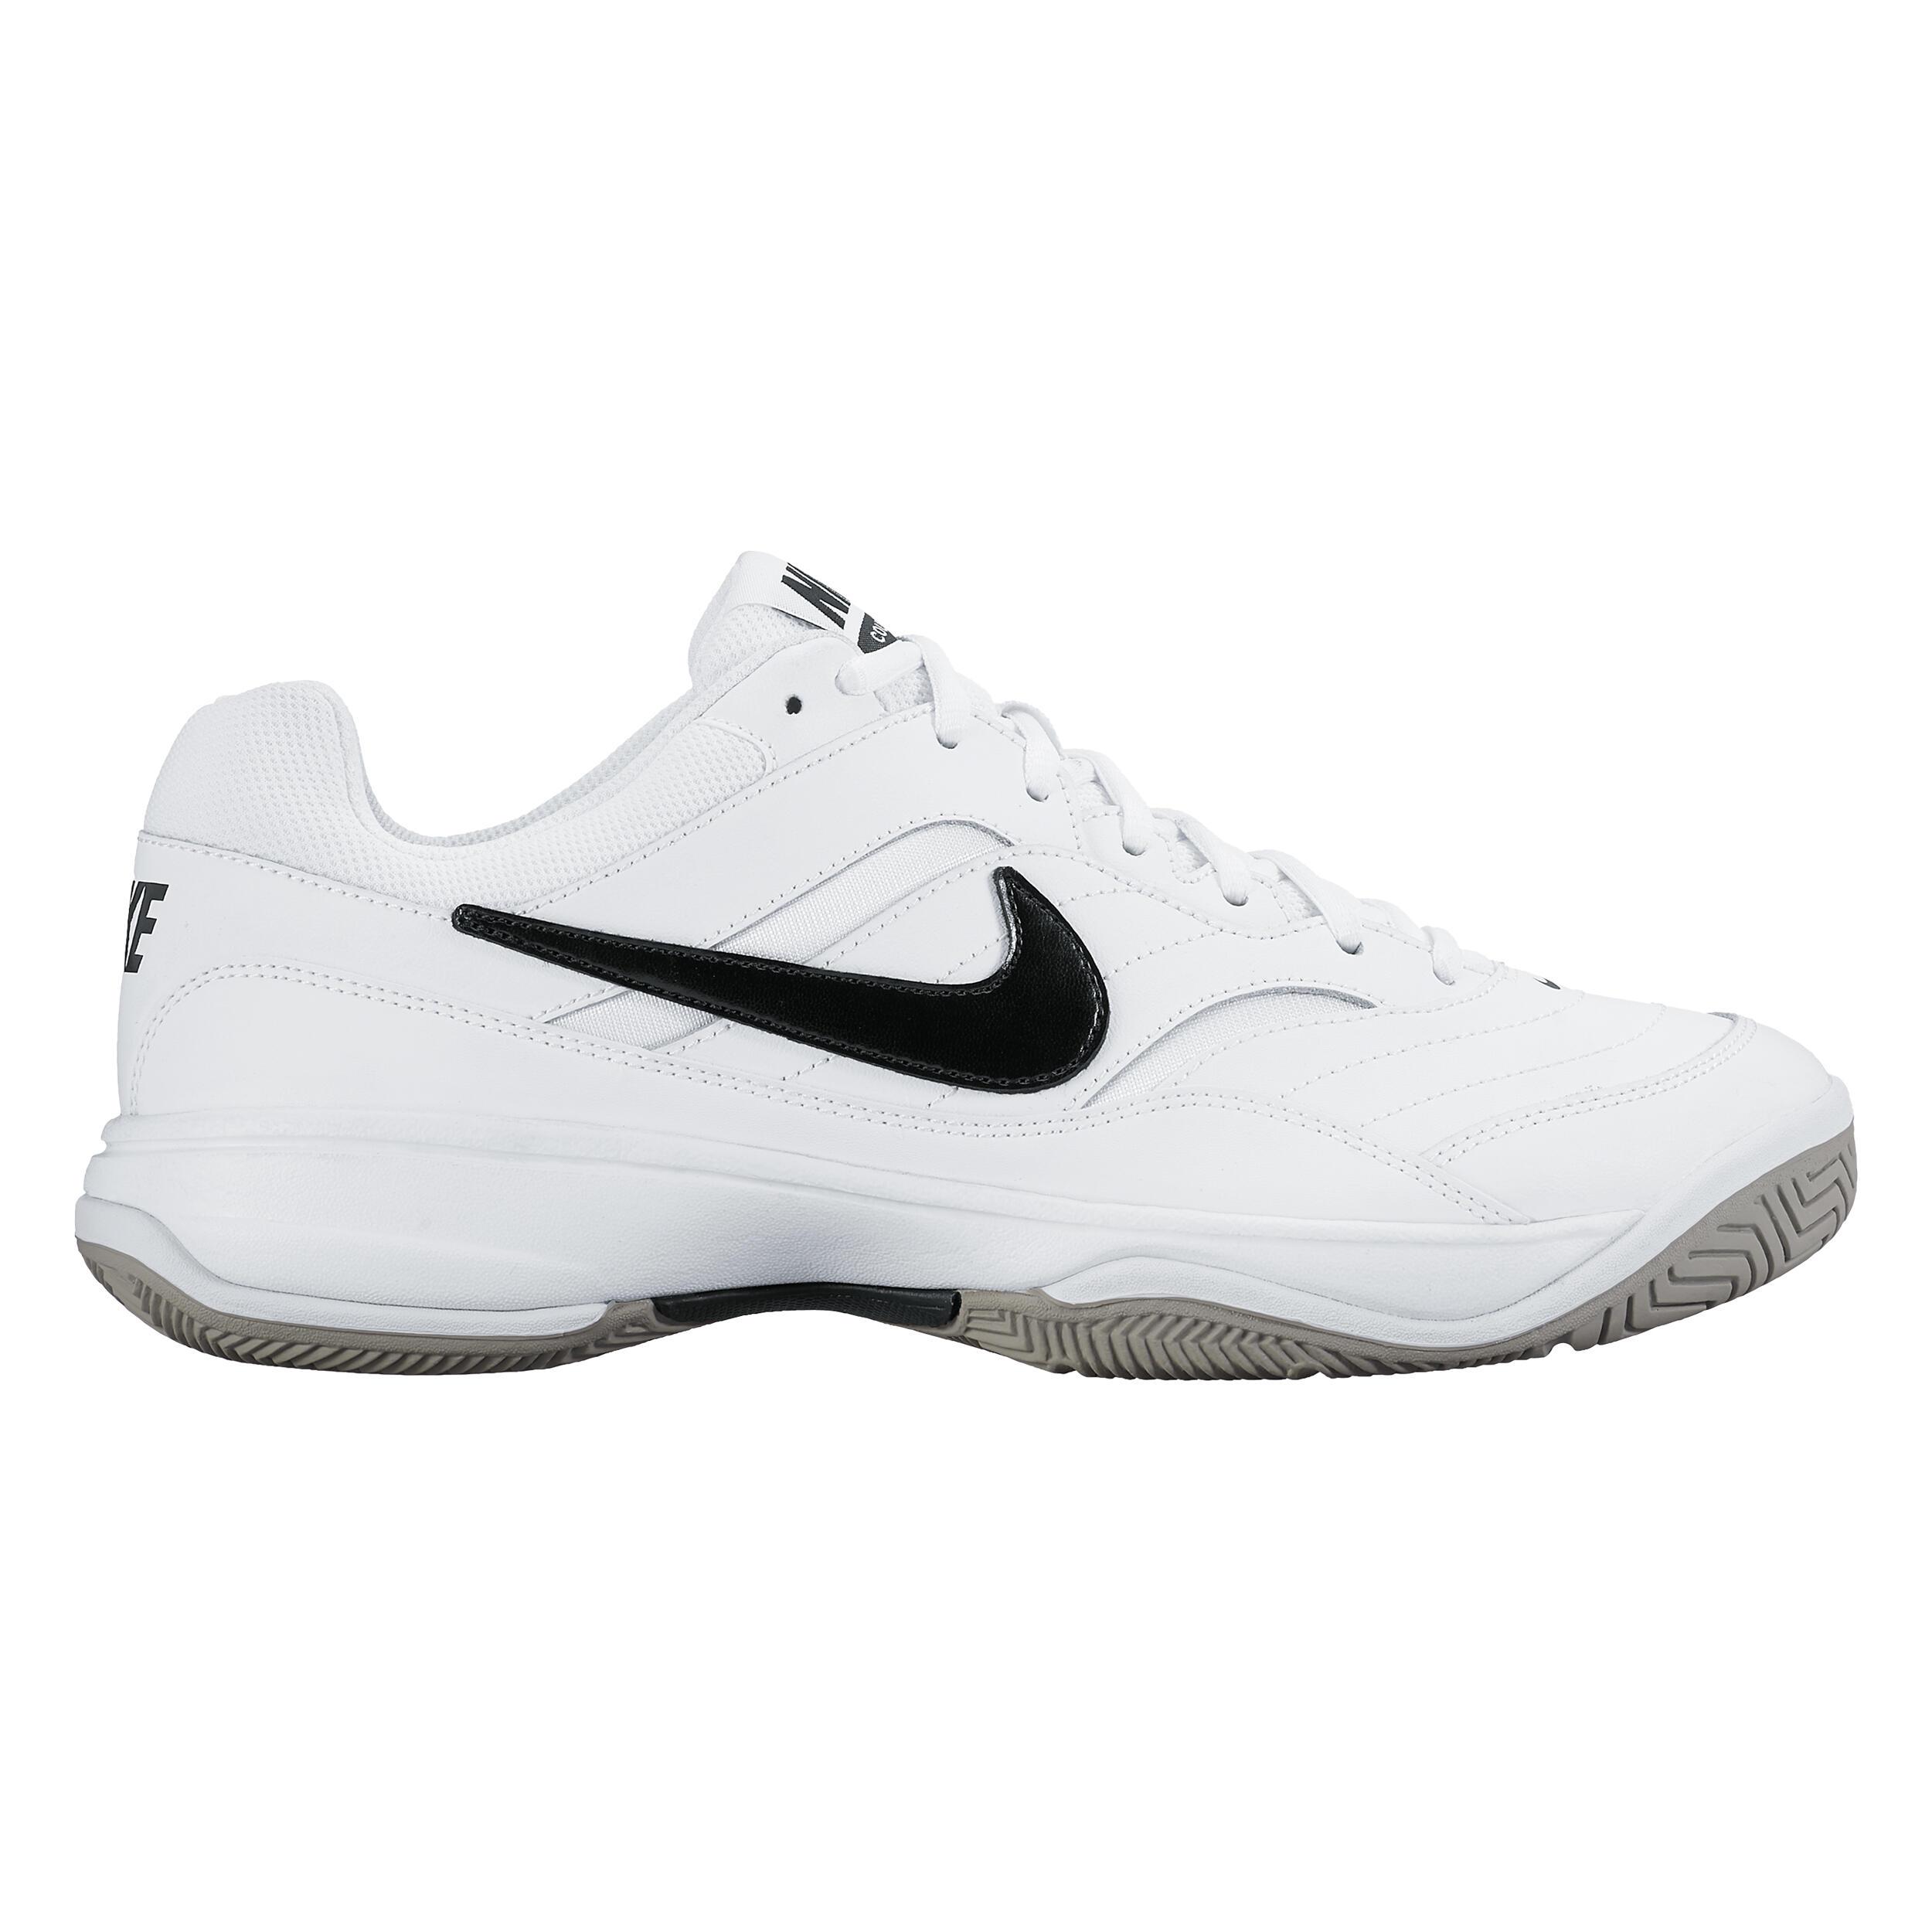 Nike Tennisschoenen voor heren Court Lite wit multicourt